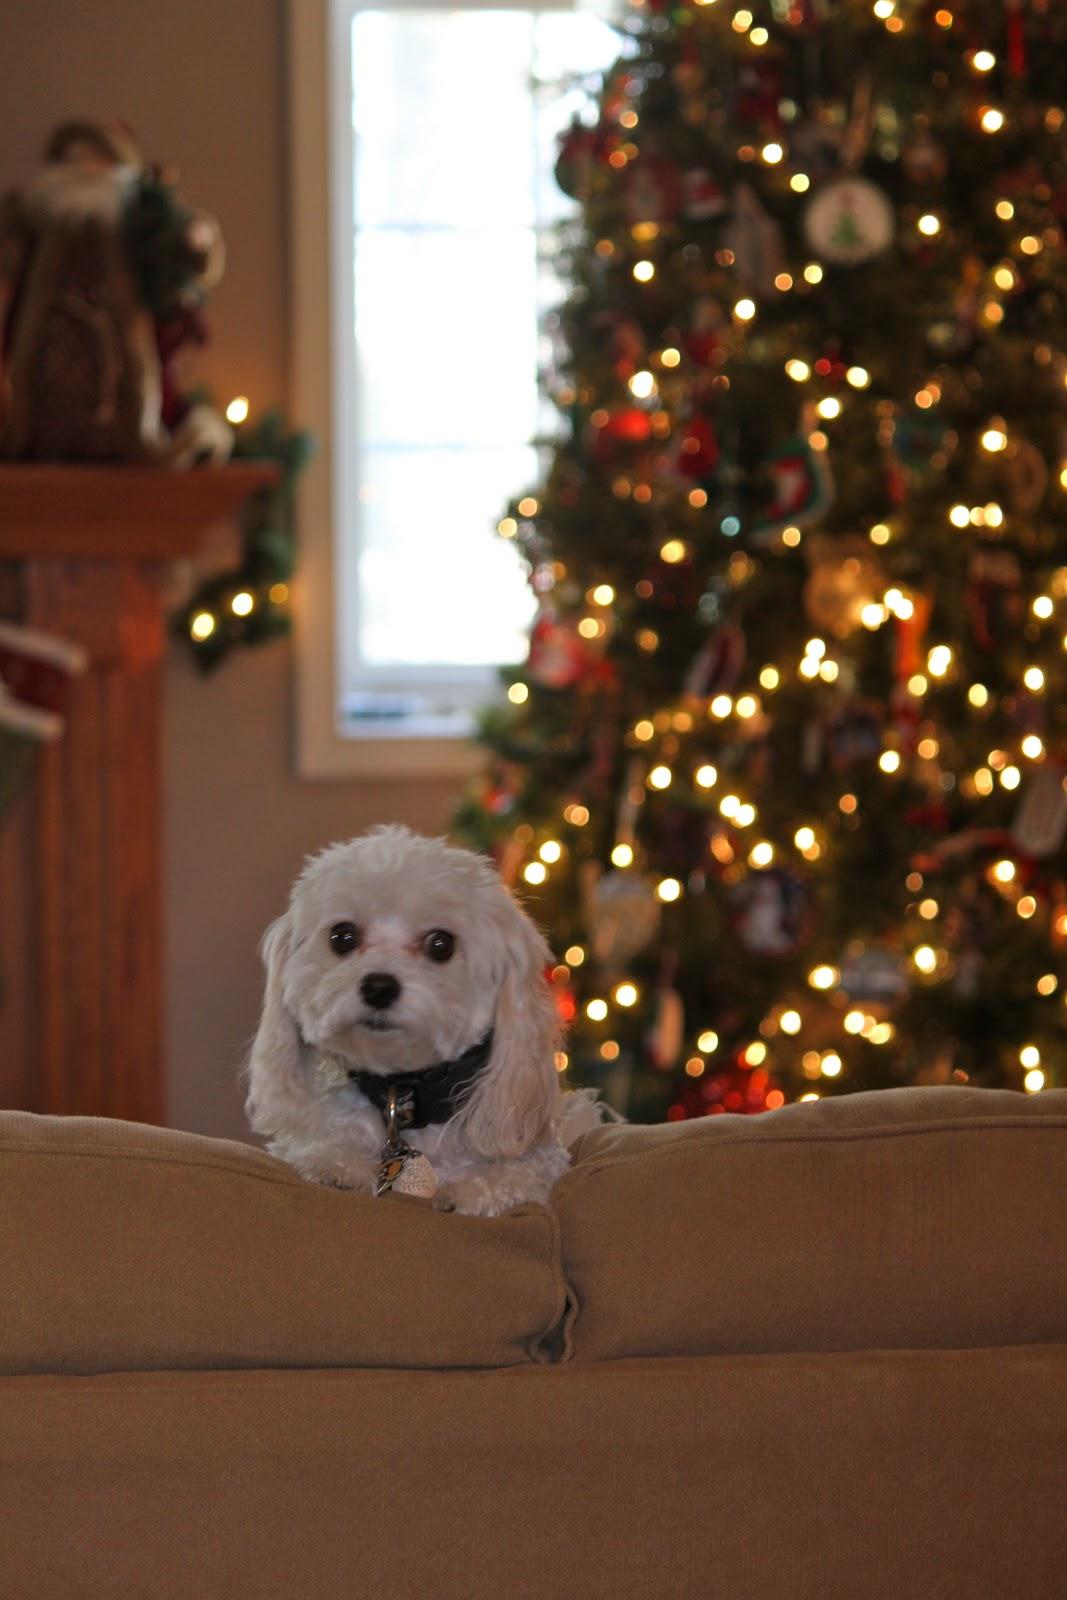 kis fehér kutya les ki a kanapé támlája mögül, a háttérben karácsonyfa